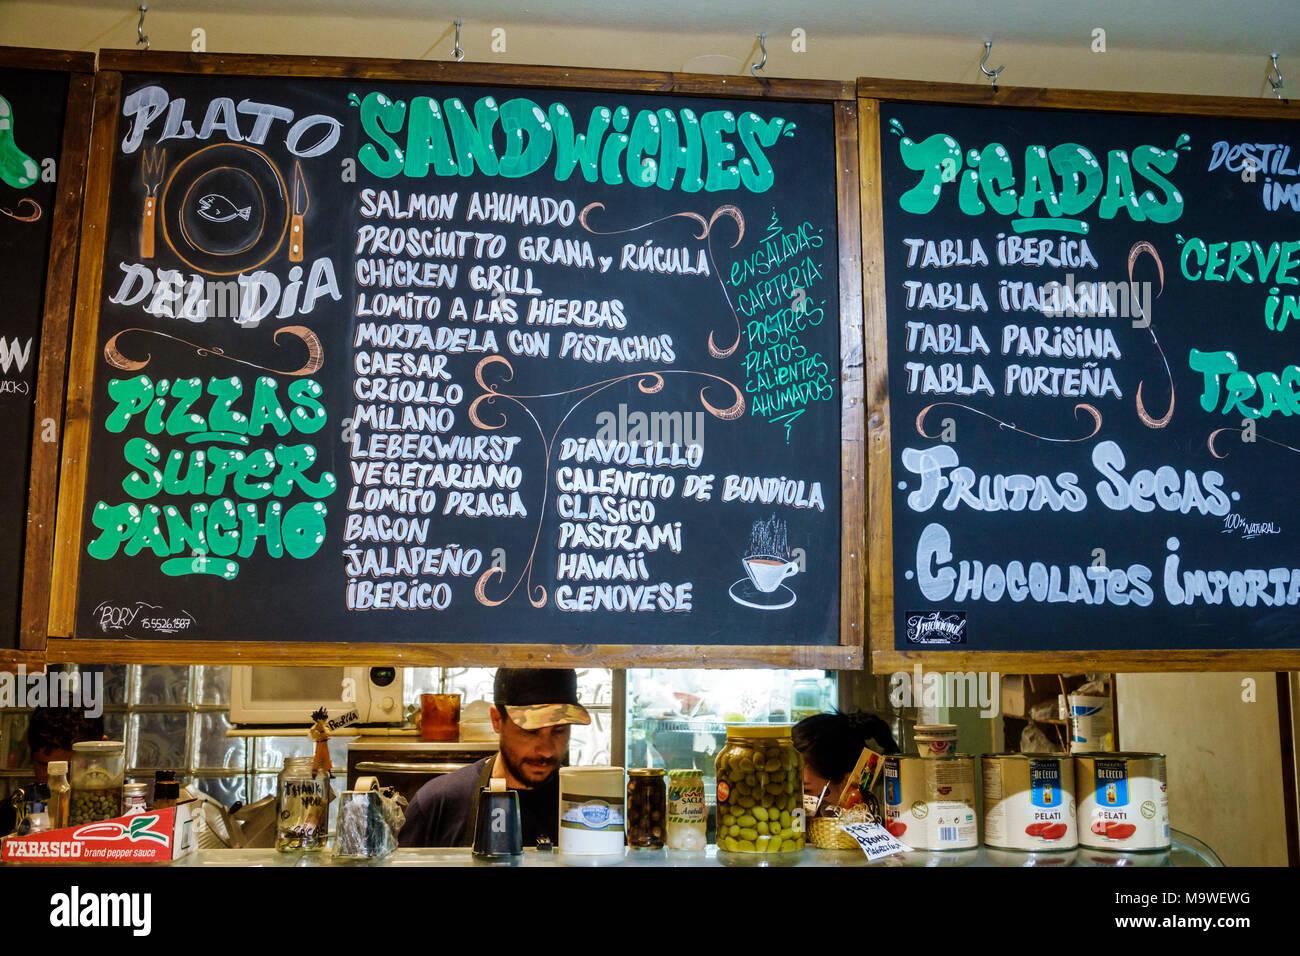 Buenos Aires Restaurant Menu Imágenes De Stock & Buenos Aires ...